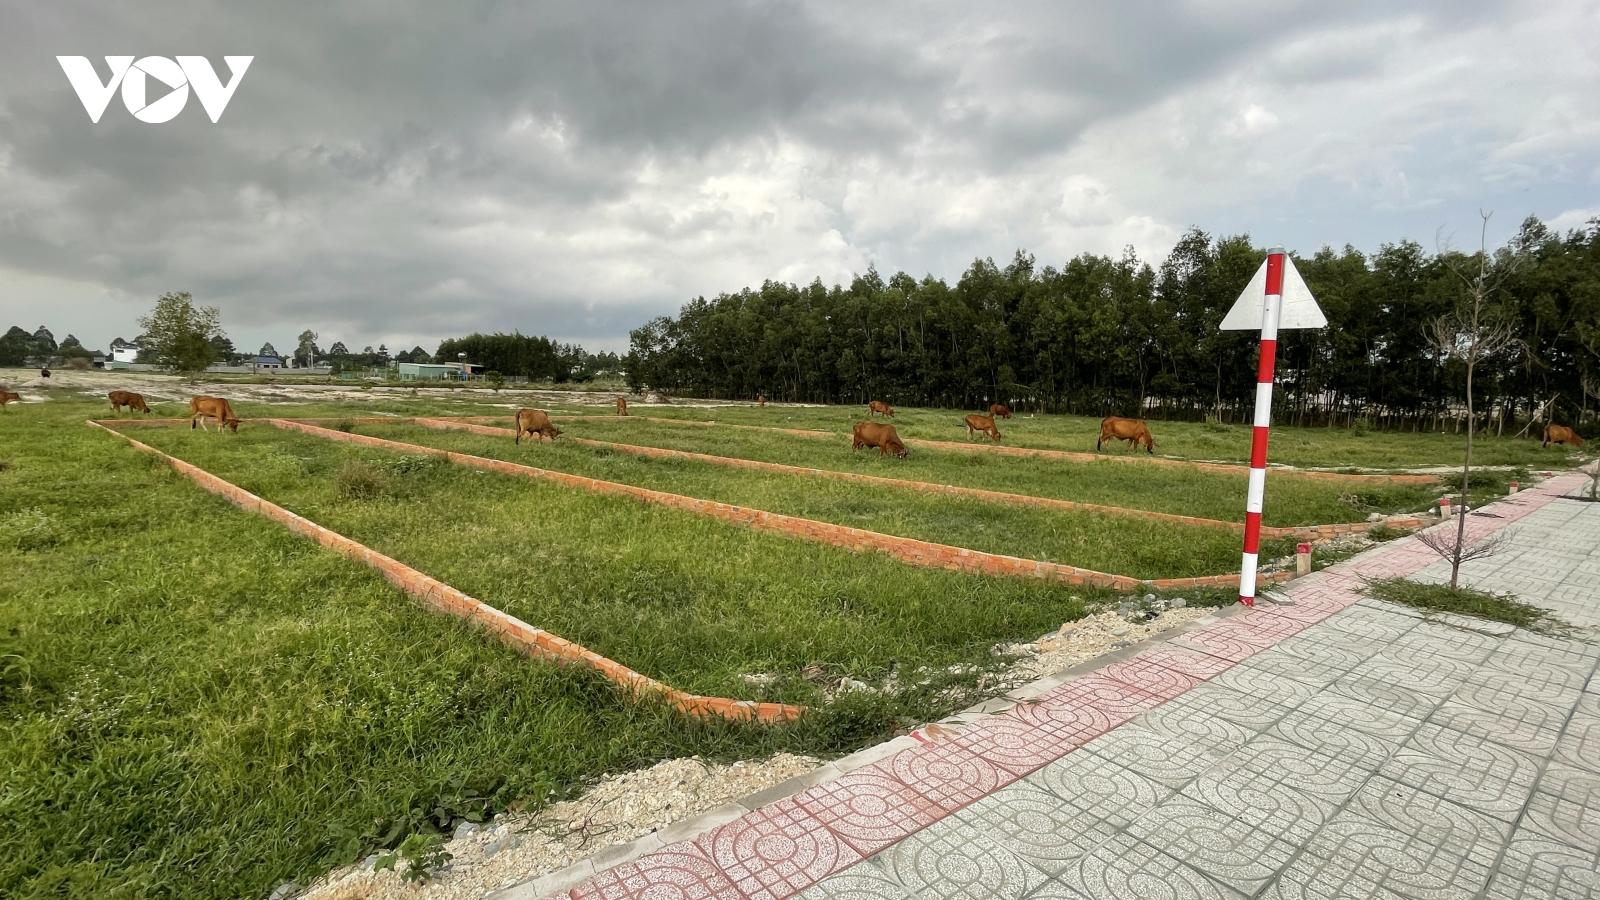 Mất kiểm soát tình trạng phân lô, bán nền trên đất nông nghiệp ở Bà Rịa – Vũng Tàu